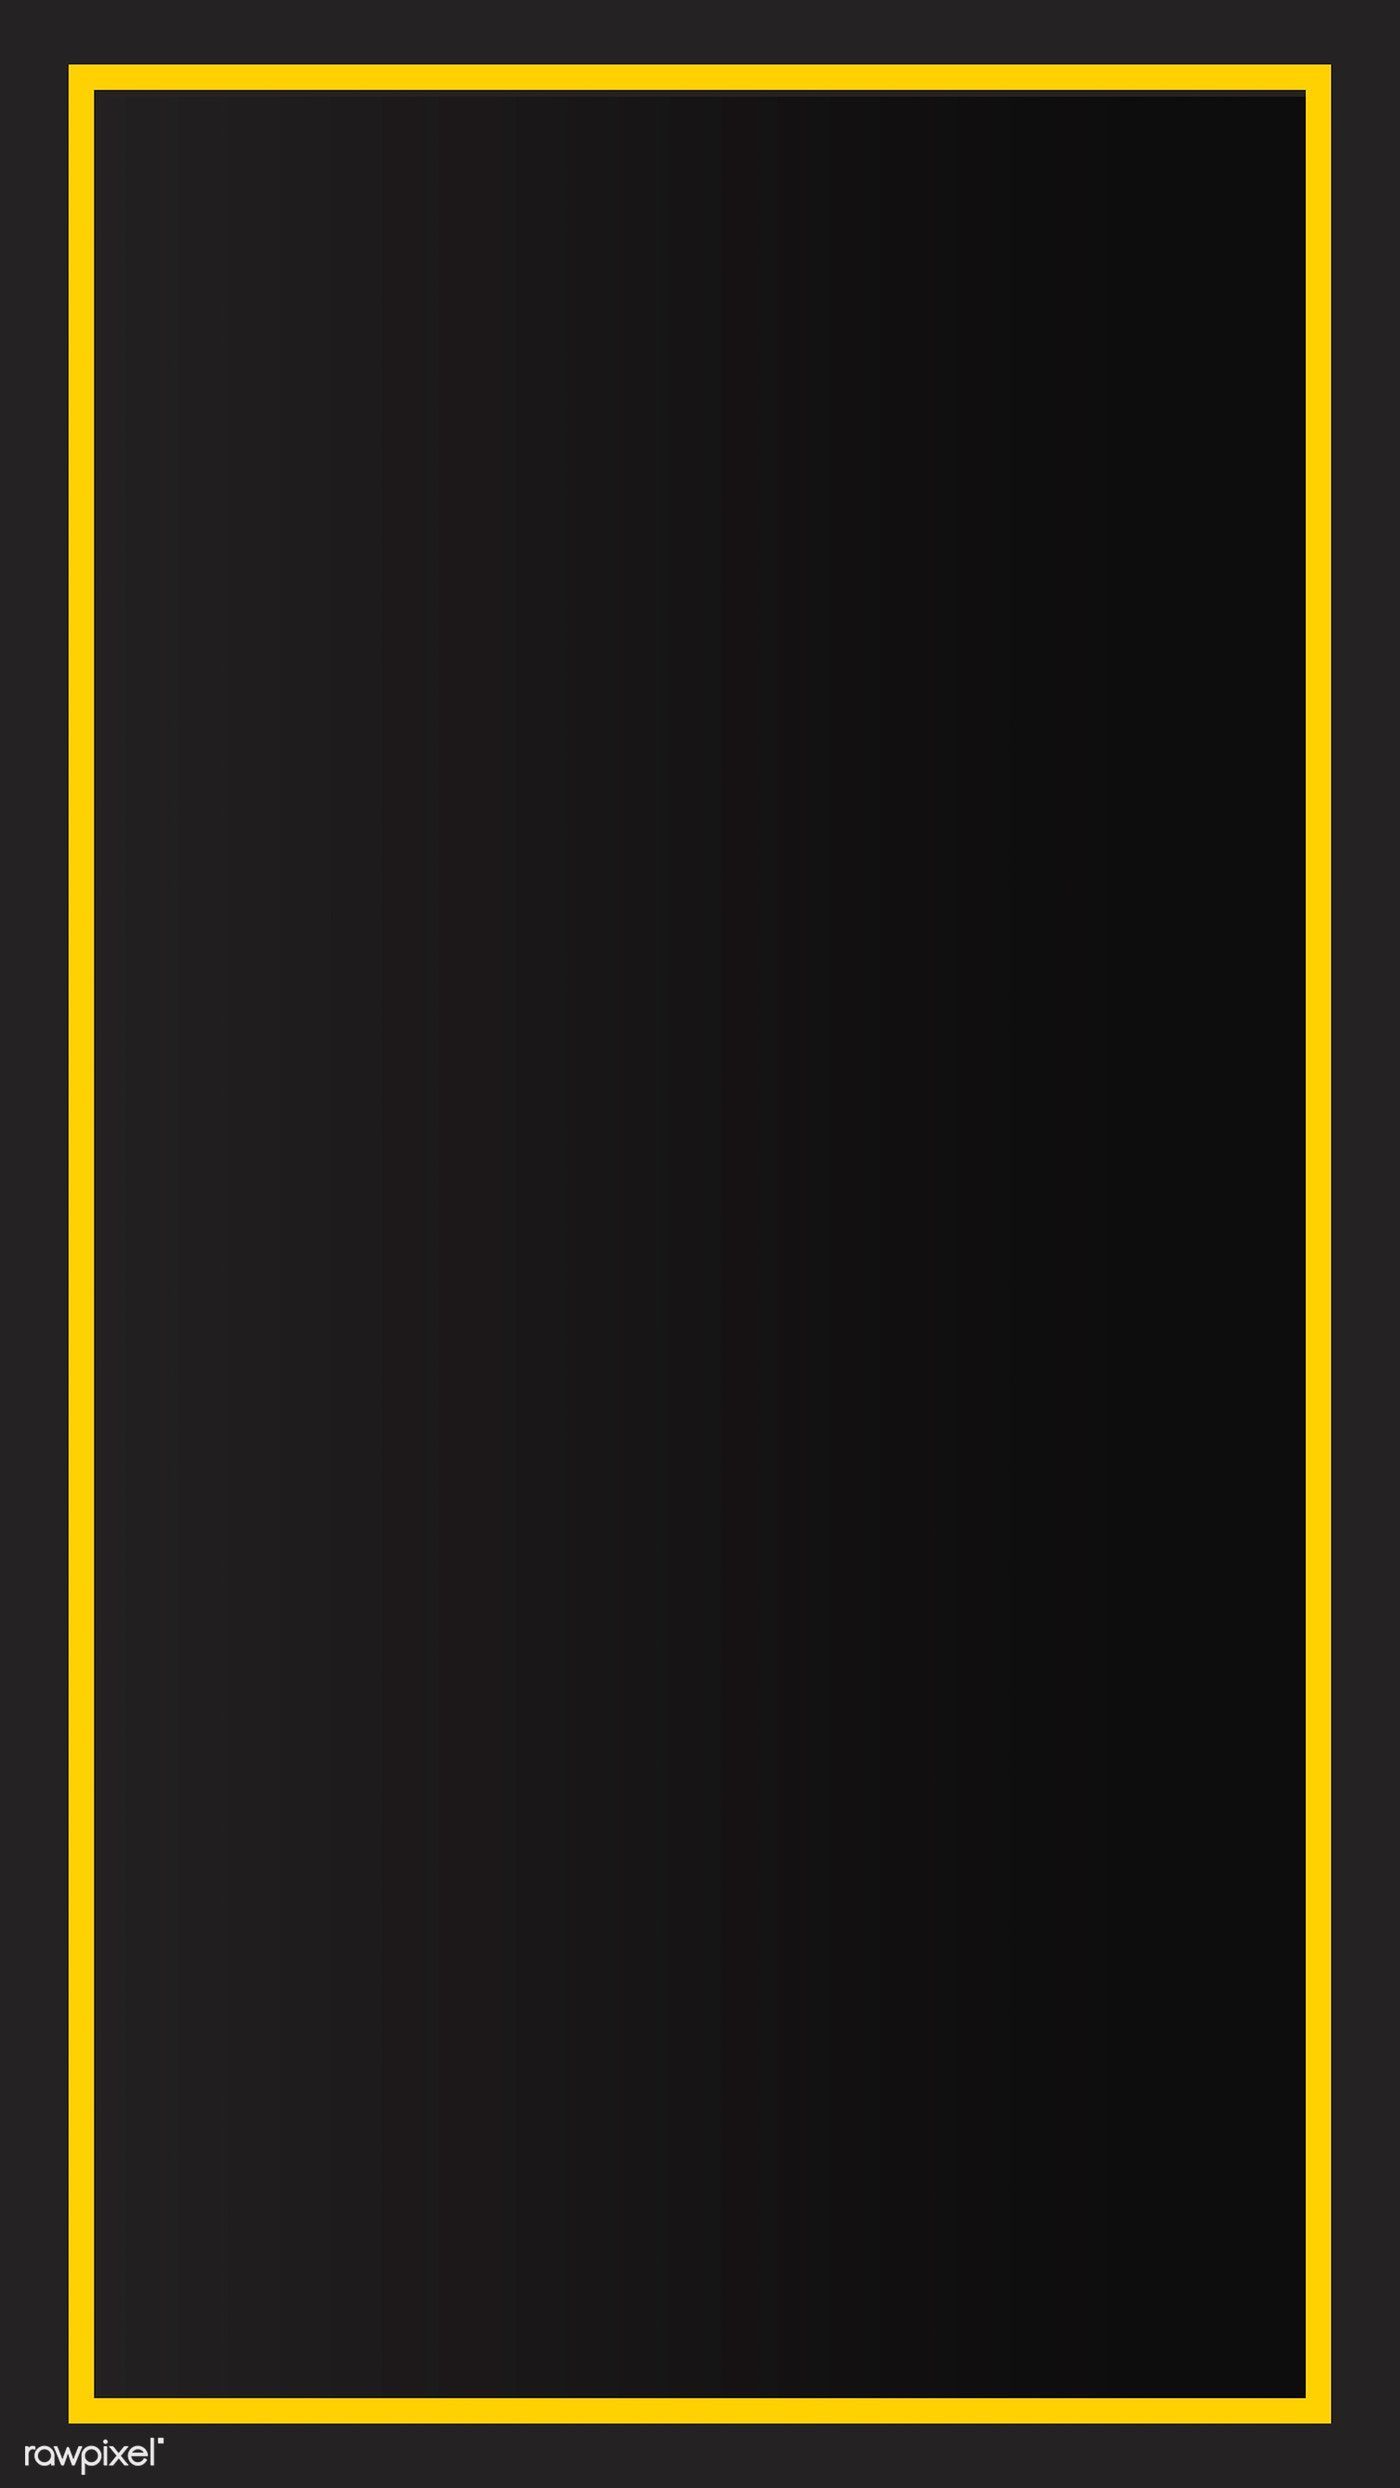 Download Premium Vector Of Yellow Border Black Mobile Phone Wallpaper Cute Mobile Wallpapers Iphone Wallpaper Yellow Black Background Wallpaper